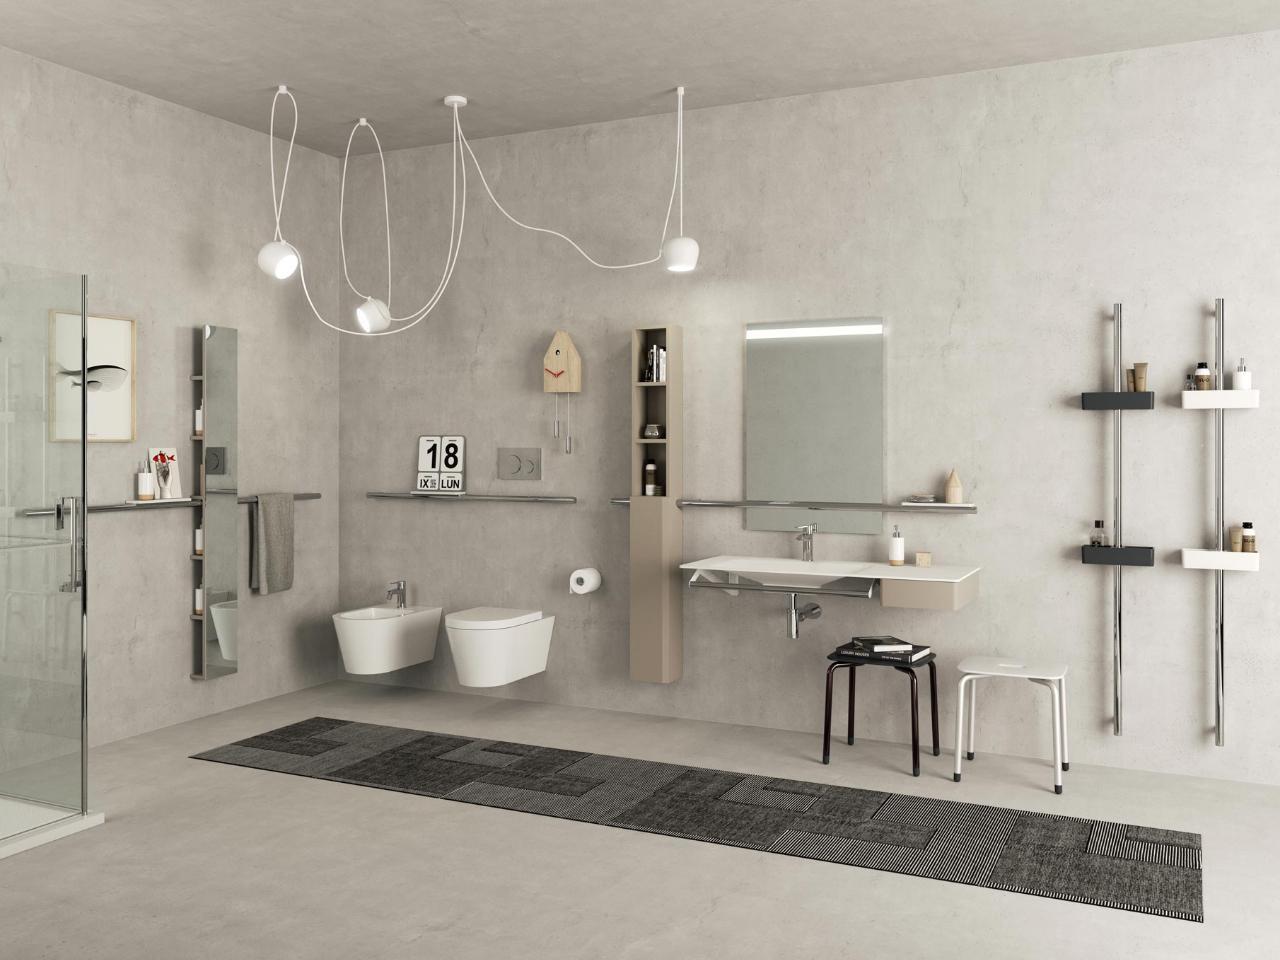 Bagnoidea prodotti e tendenze per arredare il bagno - Riscaldare il bagno ...